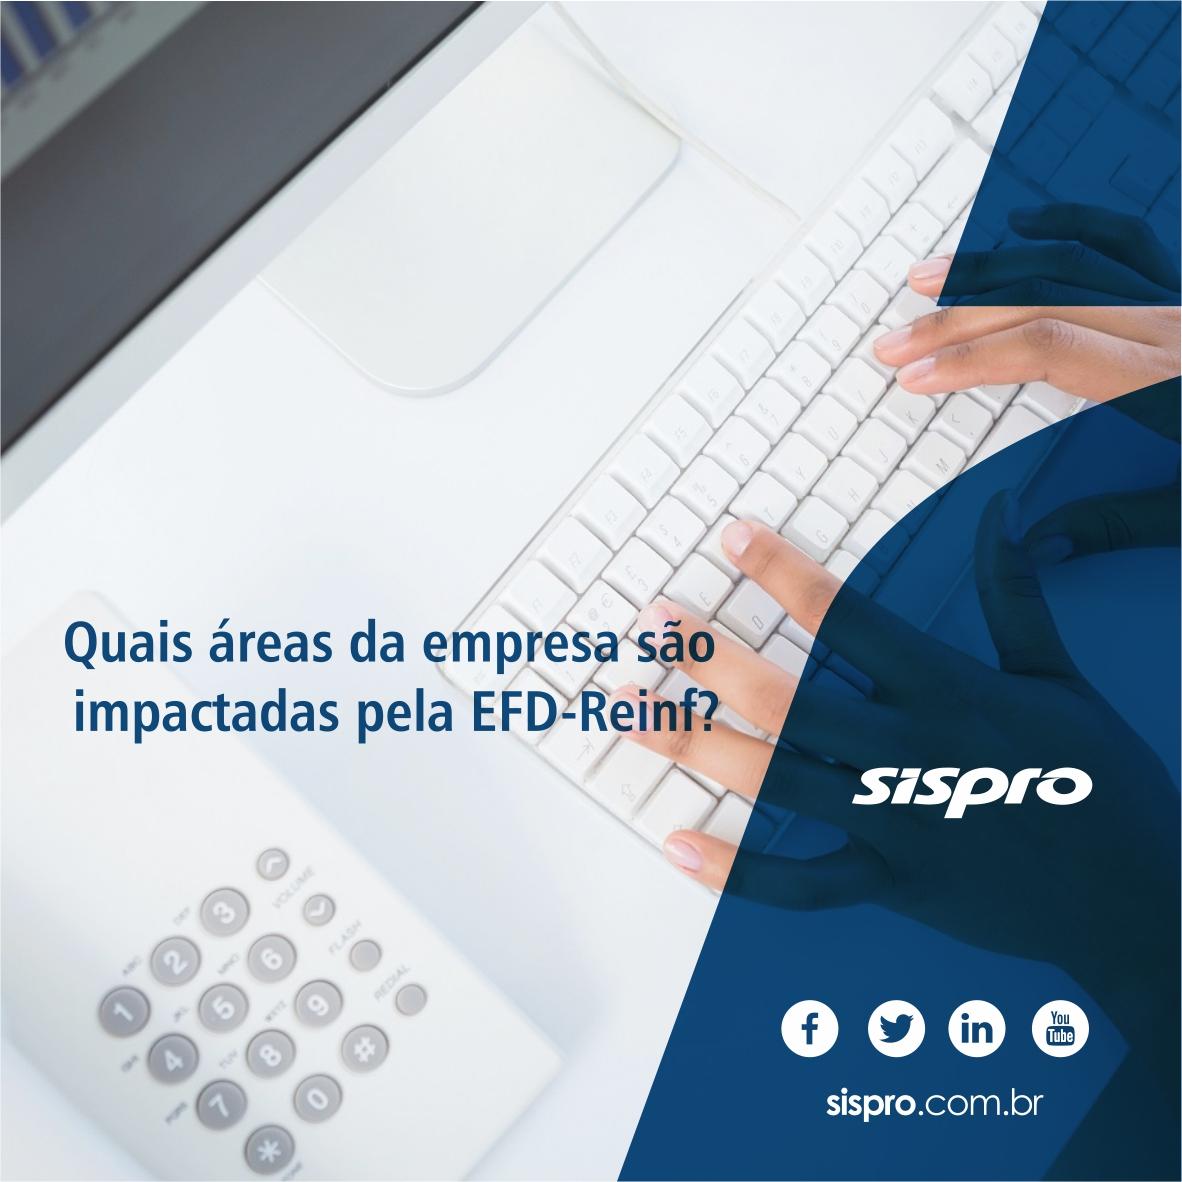 Quais áreas da empresa são impactadas pela EFD-Reinf?